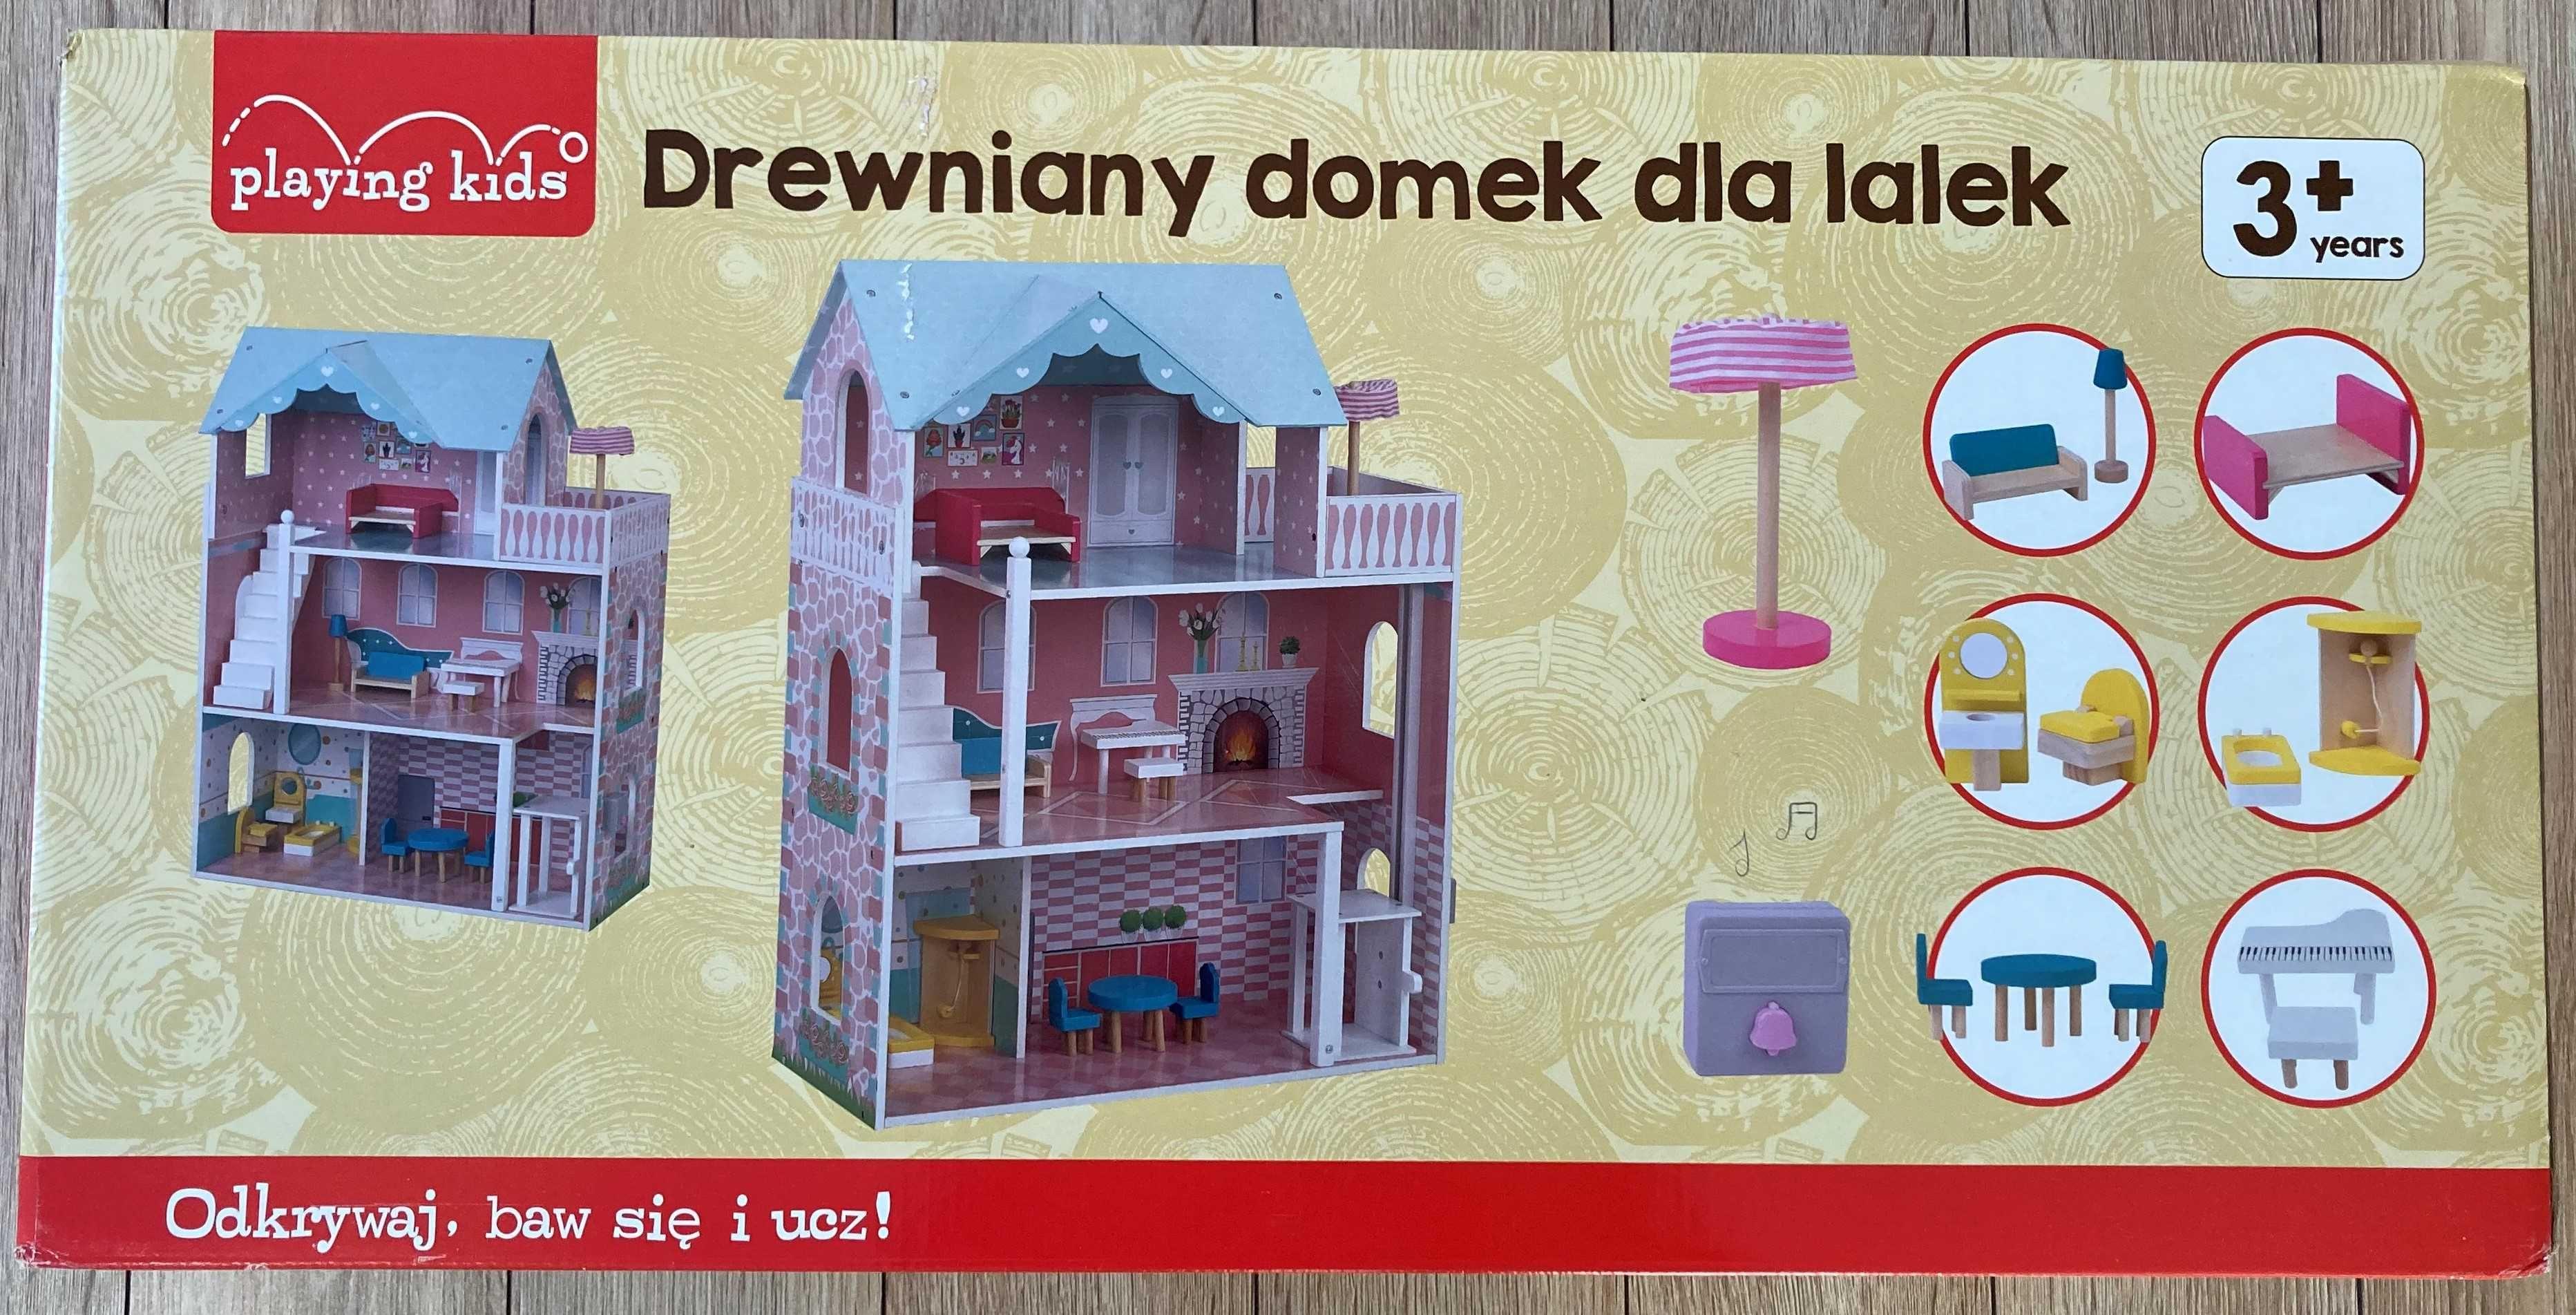 NOWY drewniany domek dla lalek PLAYING KIDS